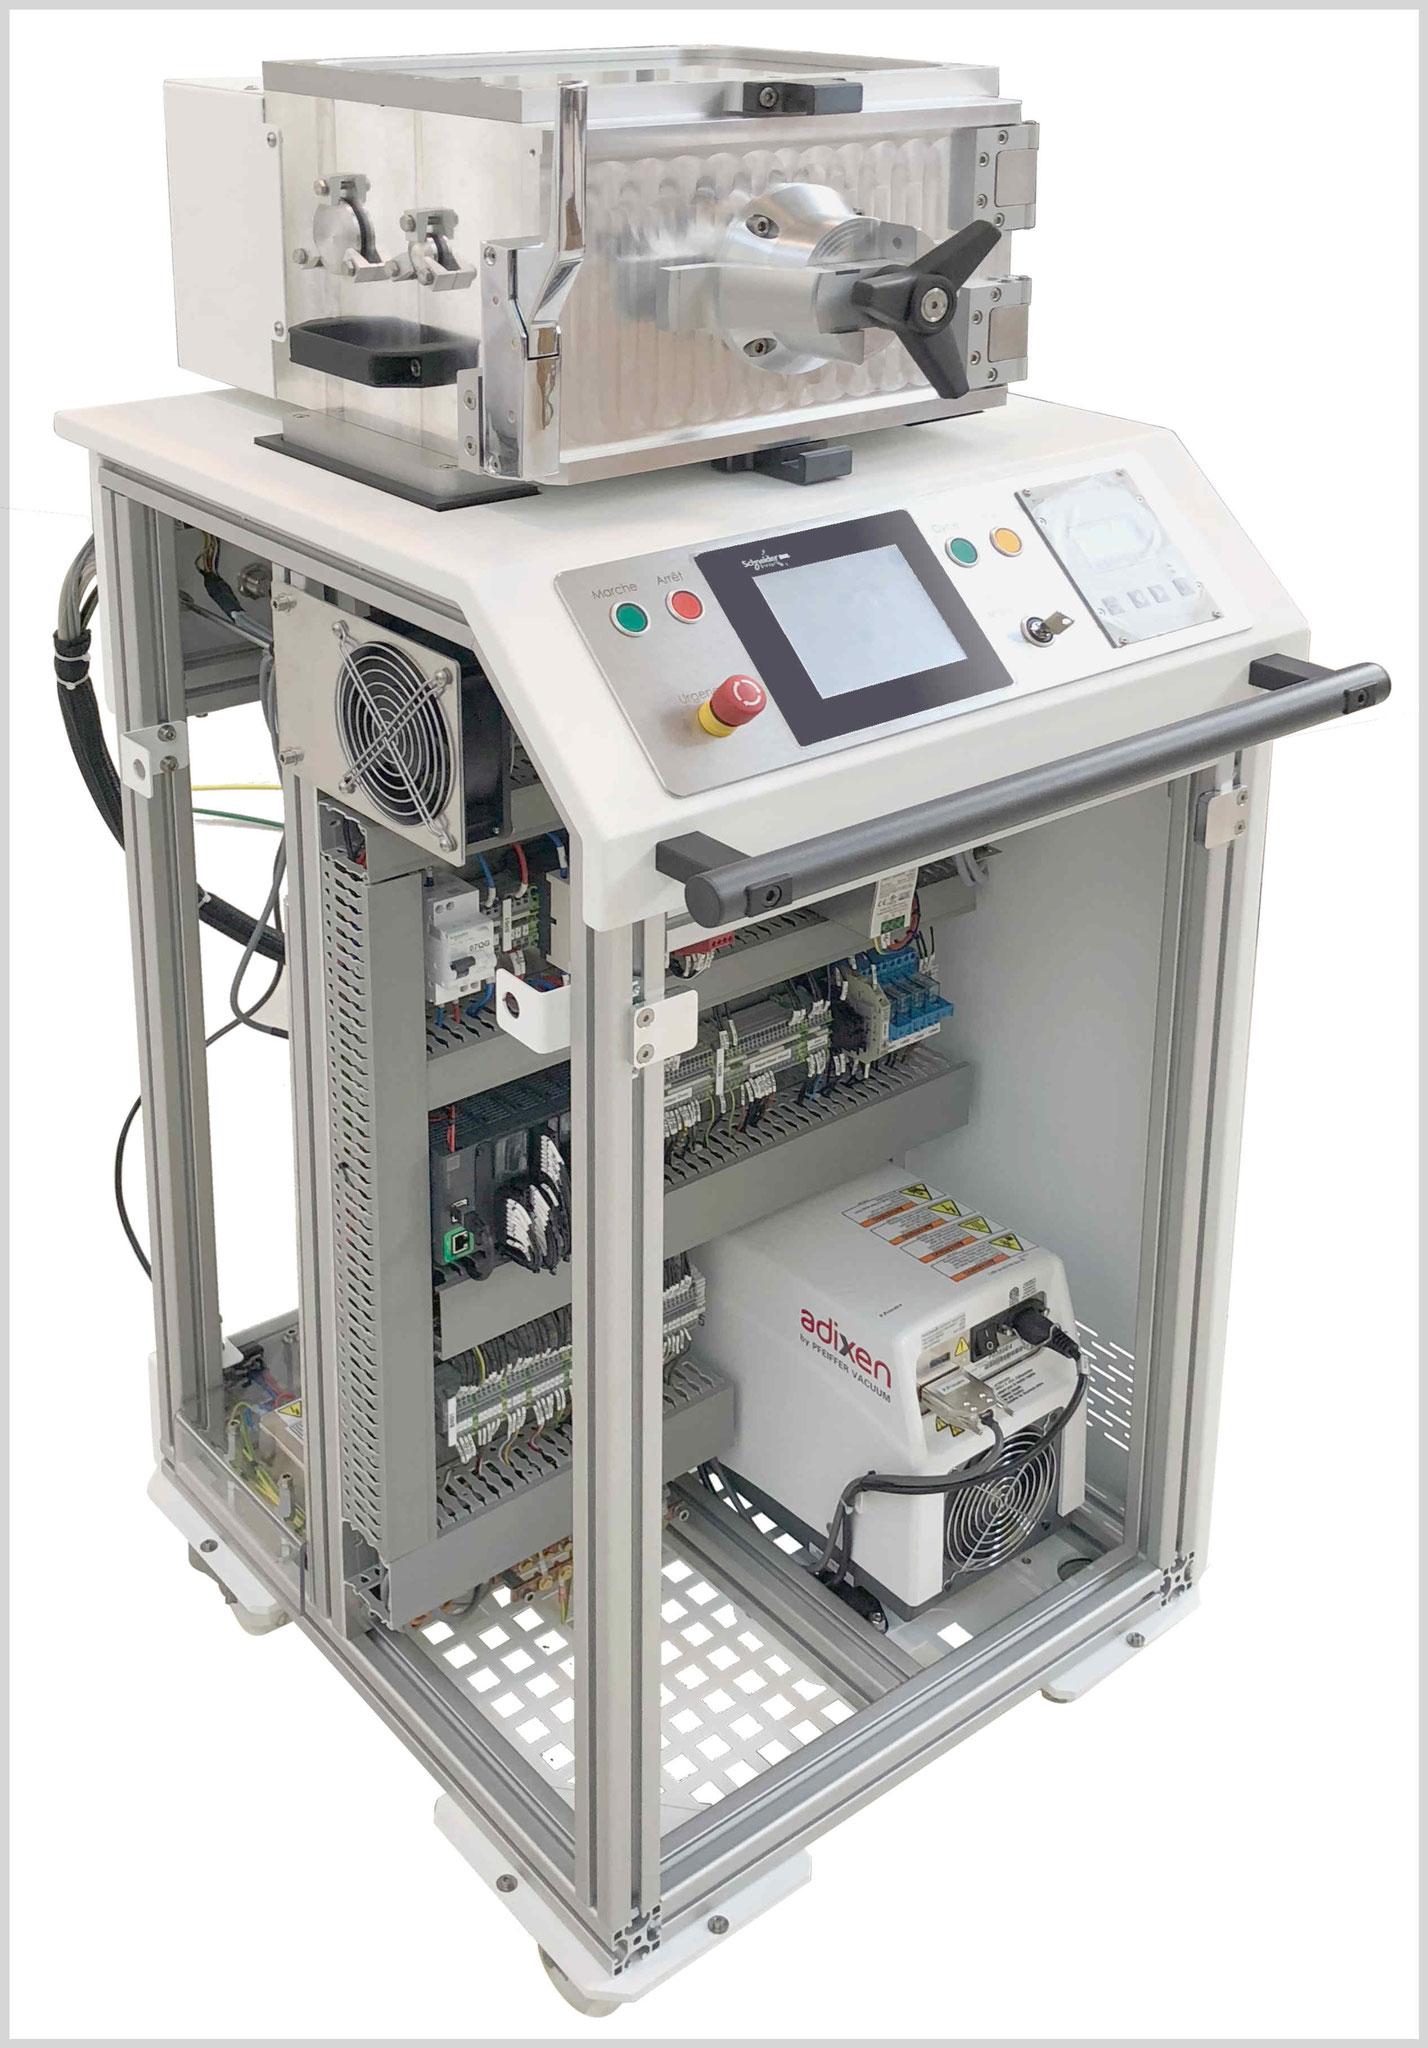 Chambre de conditionnement domaine du vide et de la soudure laser